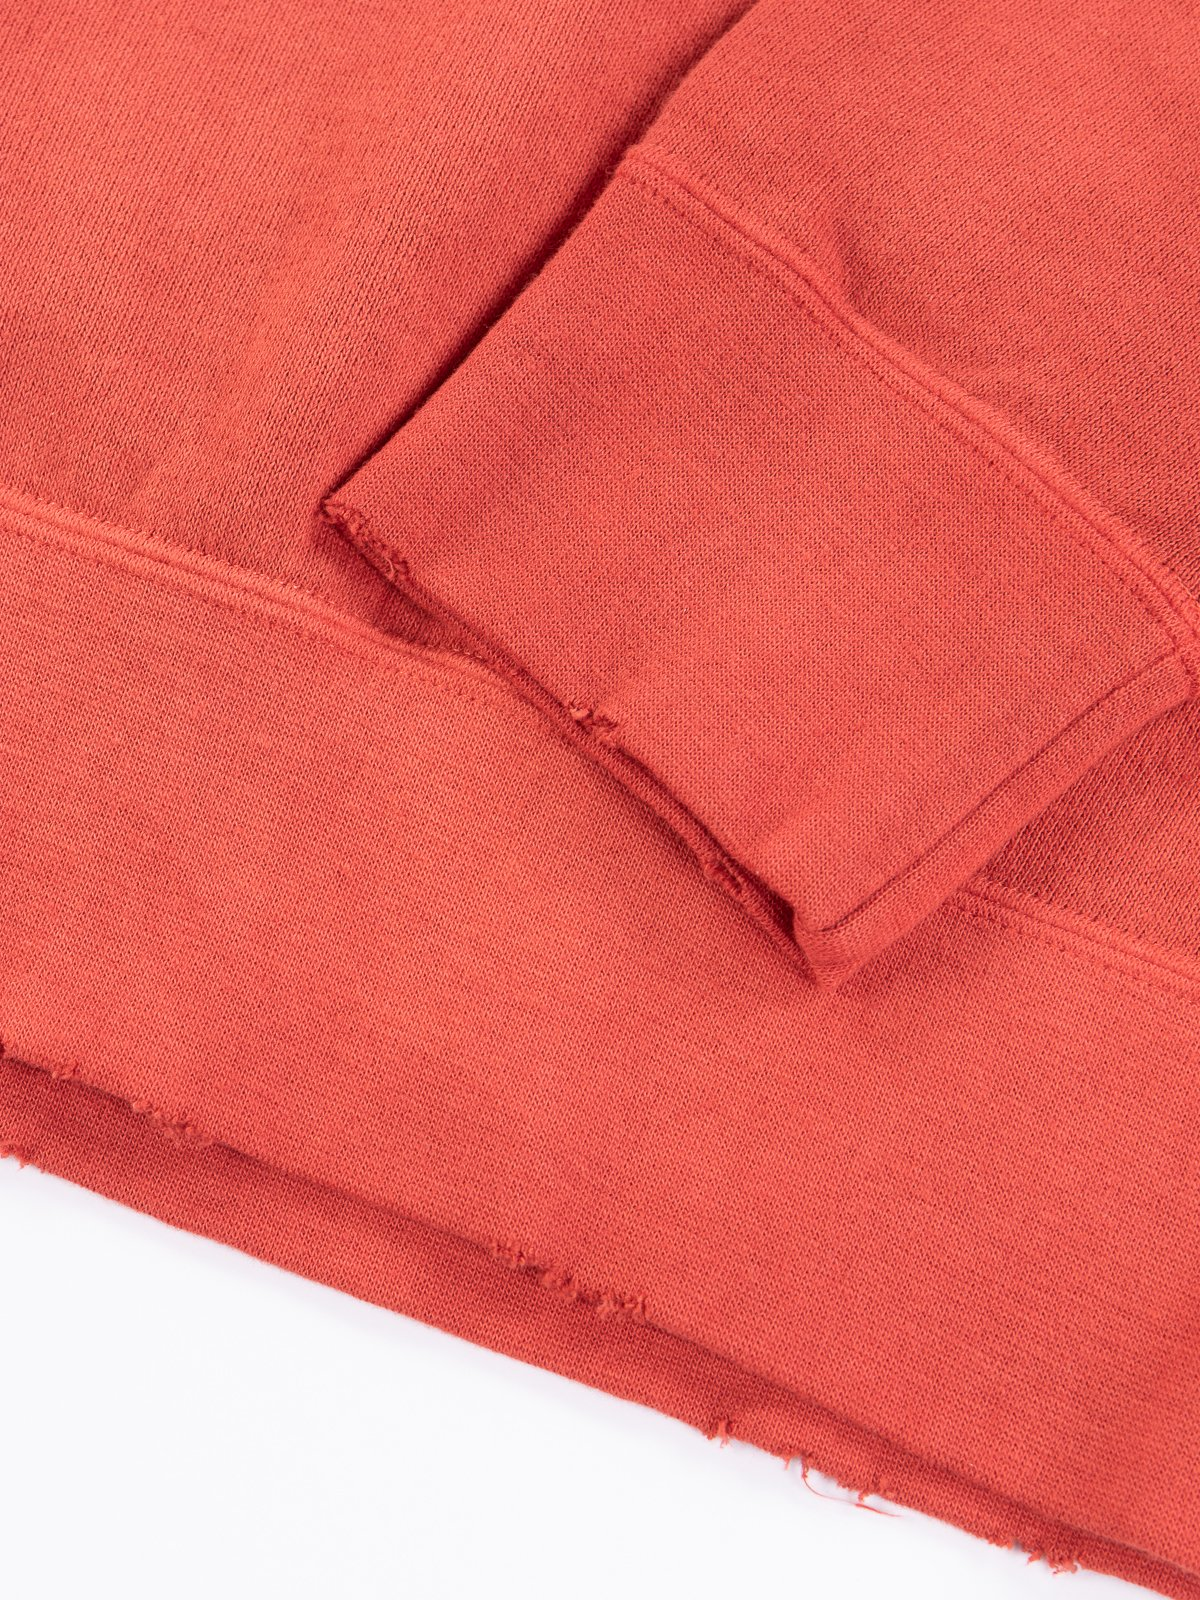 Red Uneven Dye Jumbo Long Sleeve Sweatshirt - Image 3